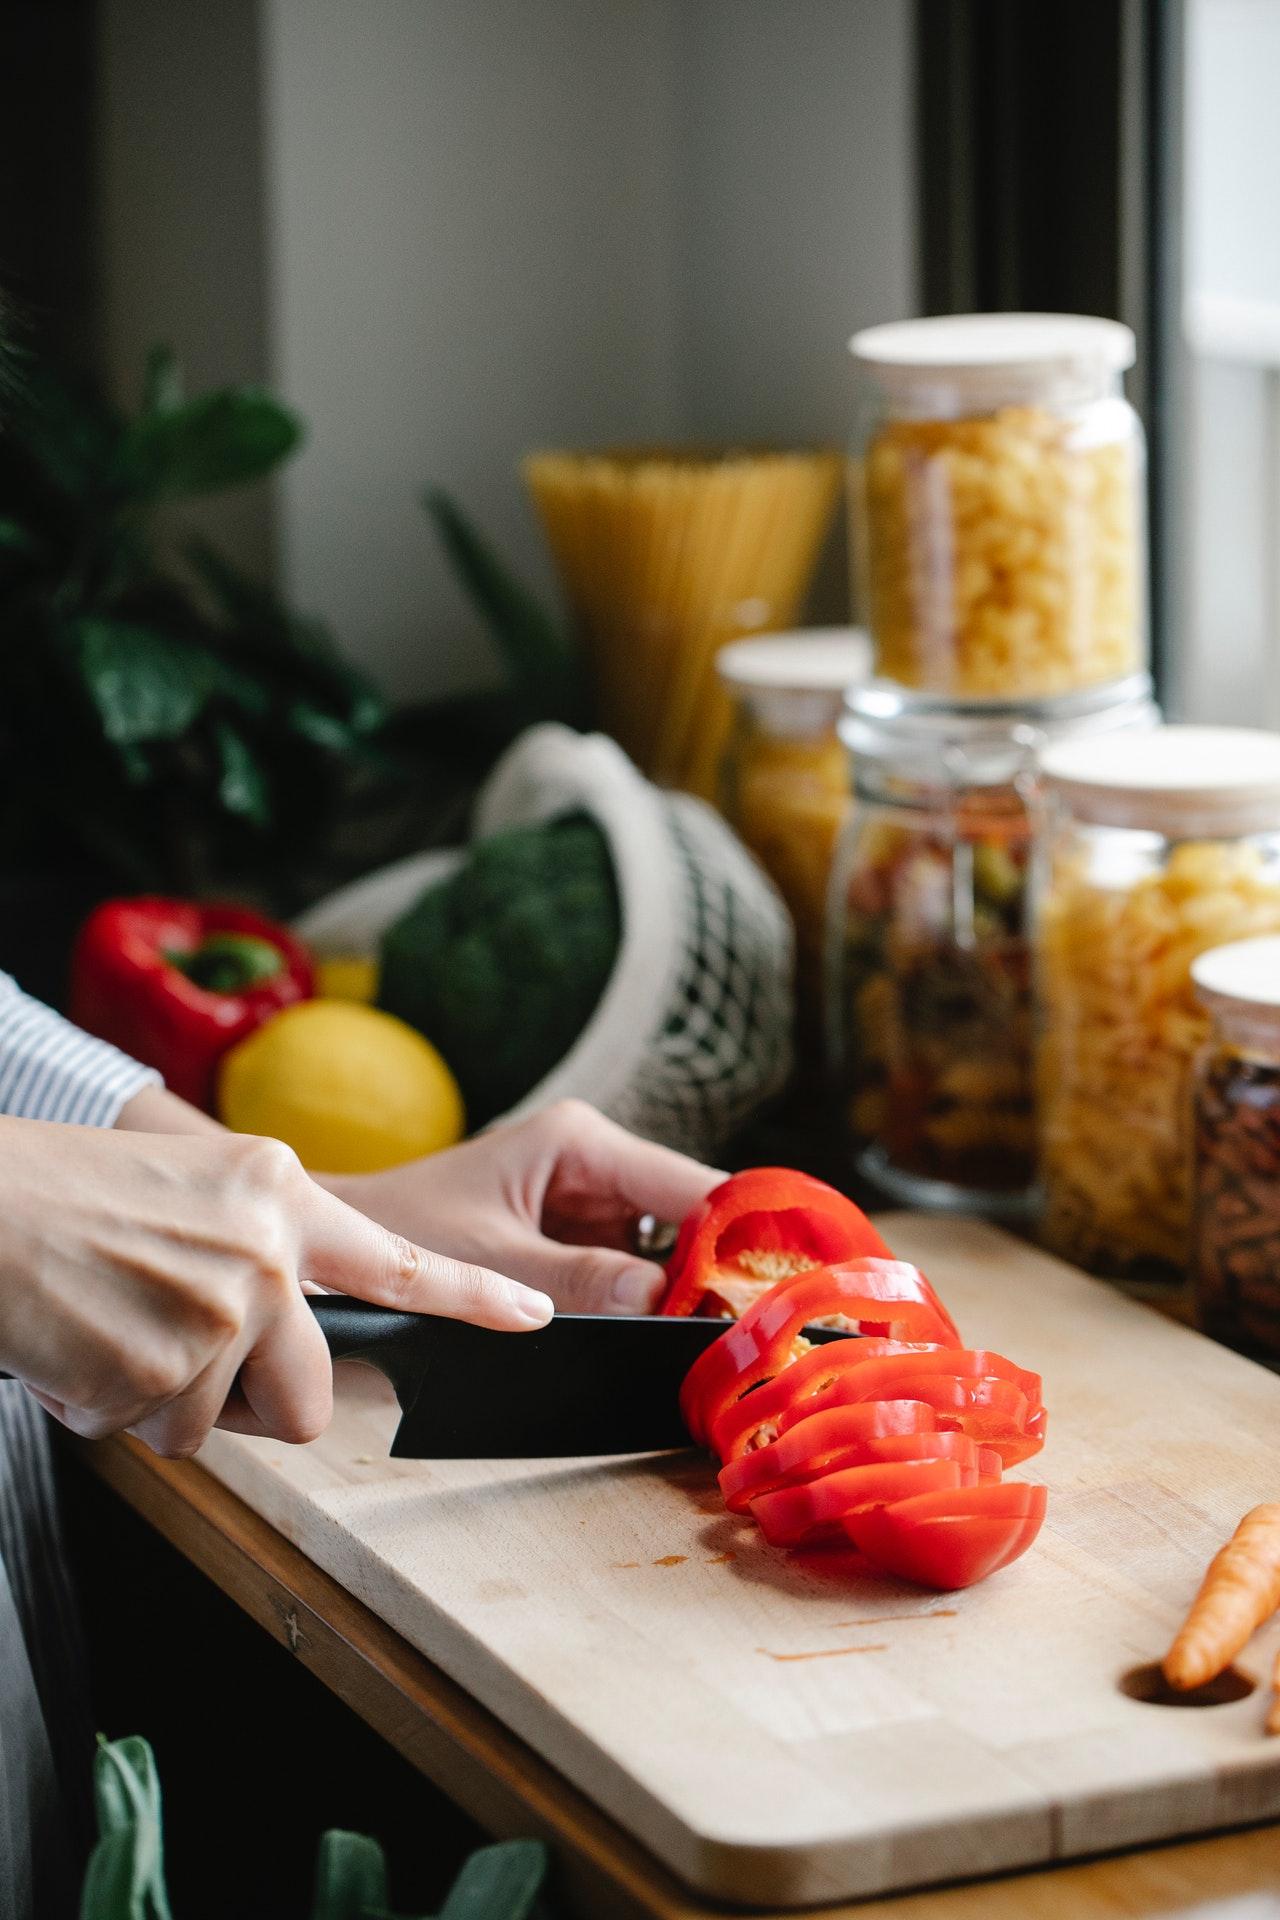 dụng cụ nấu ăn thích hợp